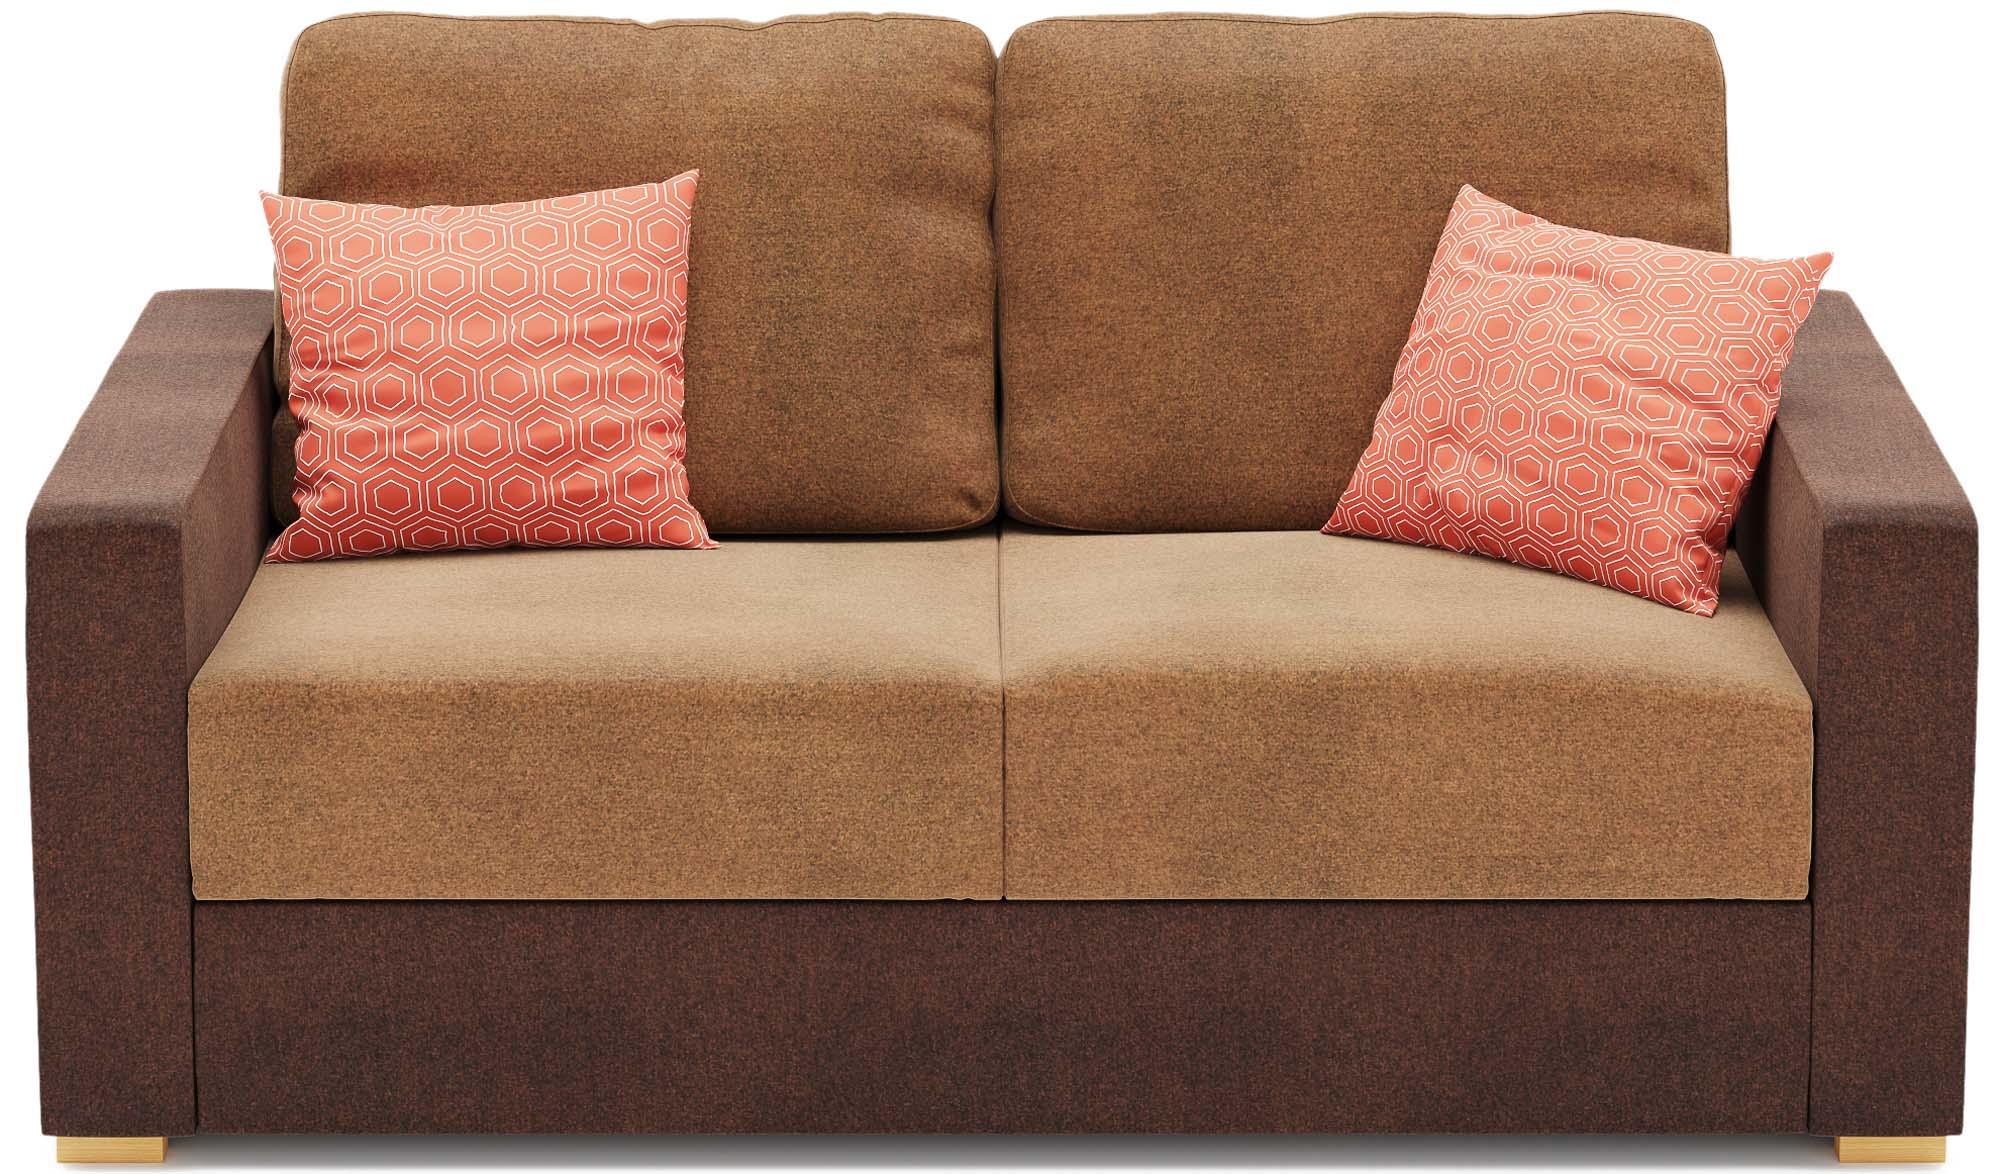 Charmant Alda 2 Seat Double Bed